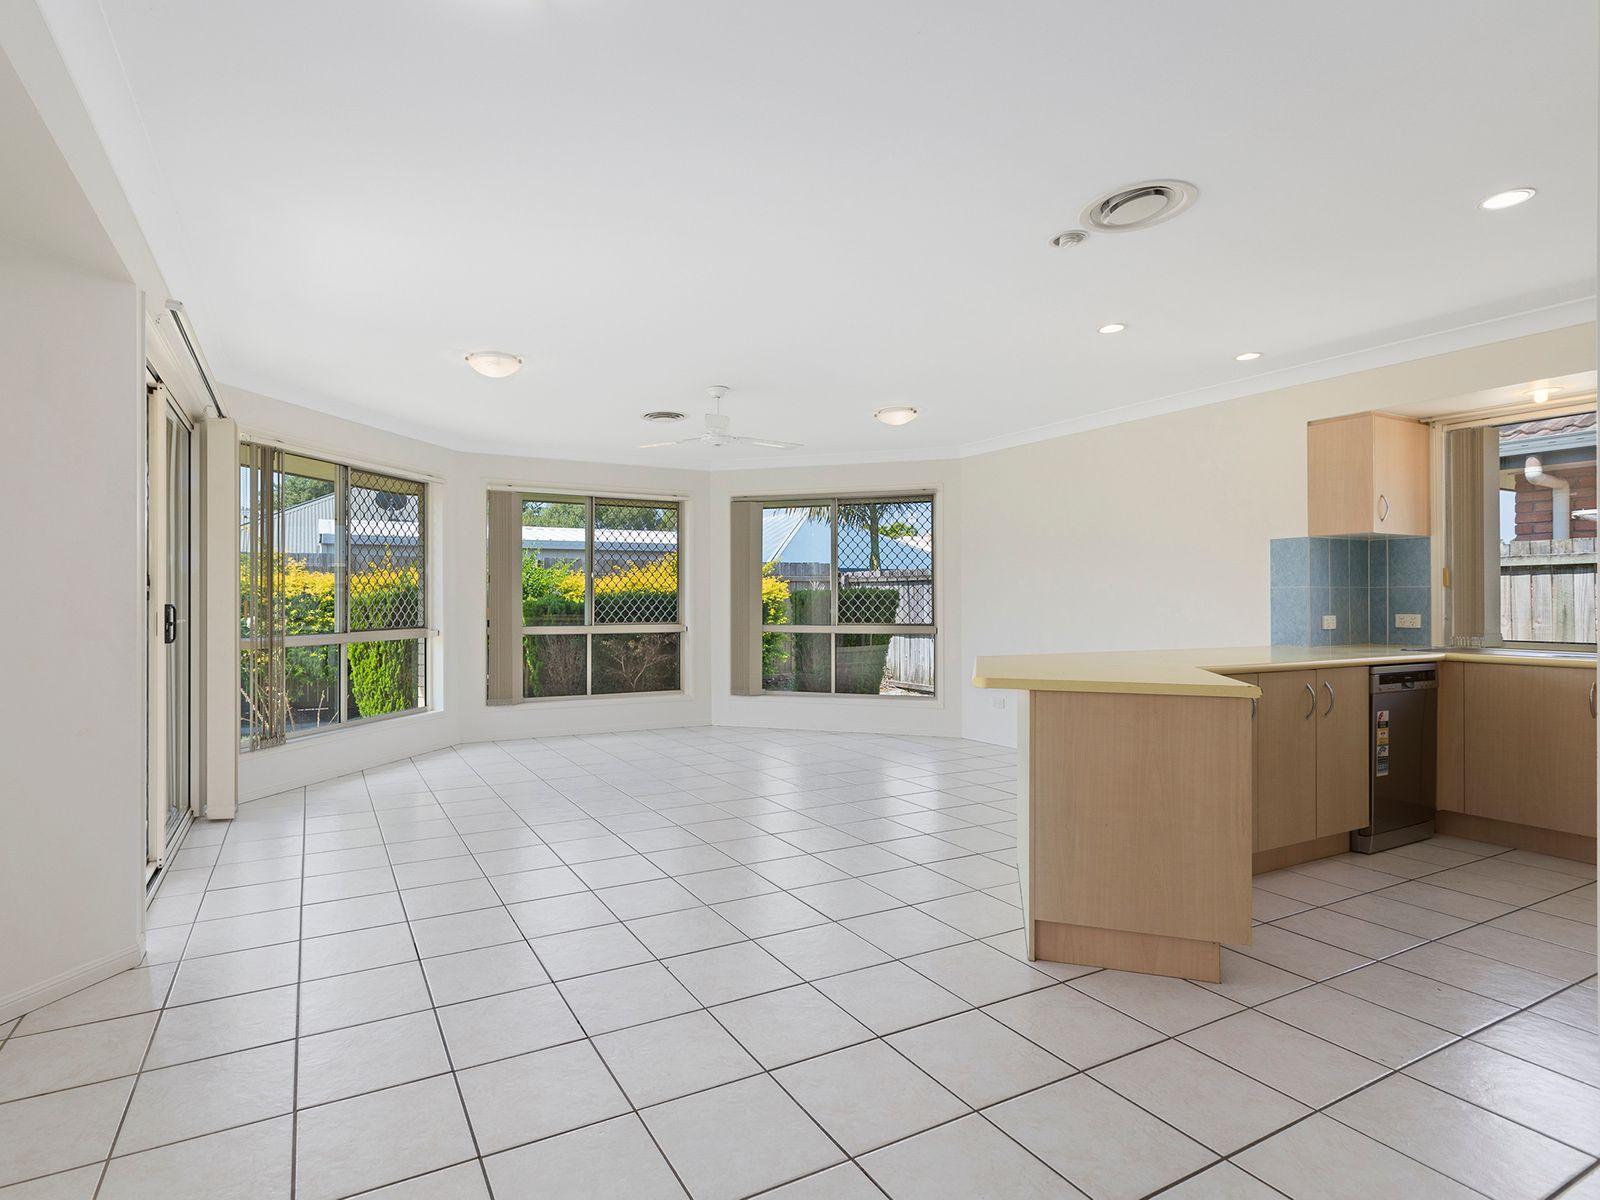 3 Dorian Crescent, Sippy Downs, QLD 4556